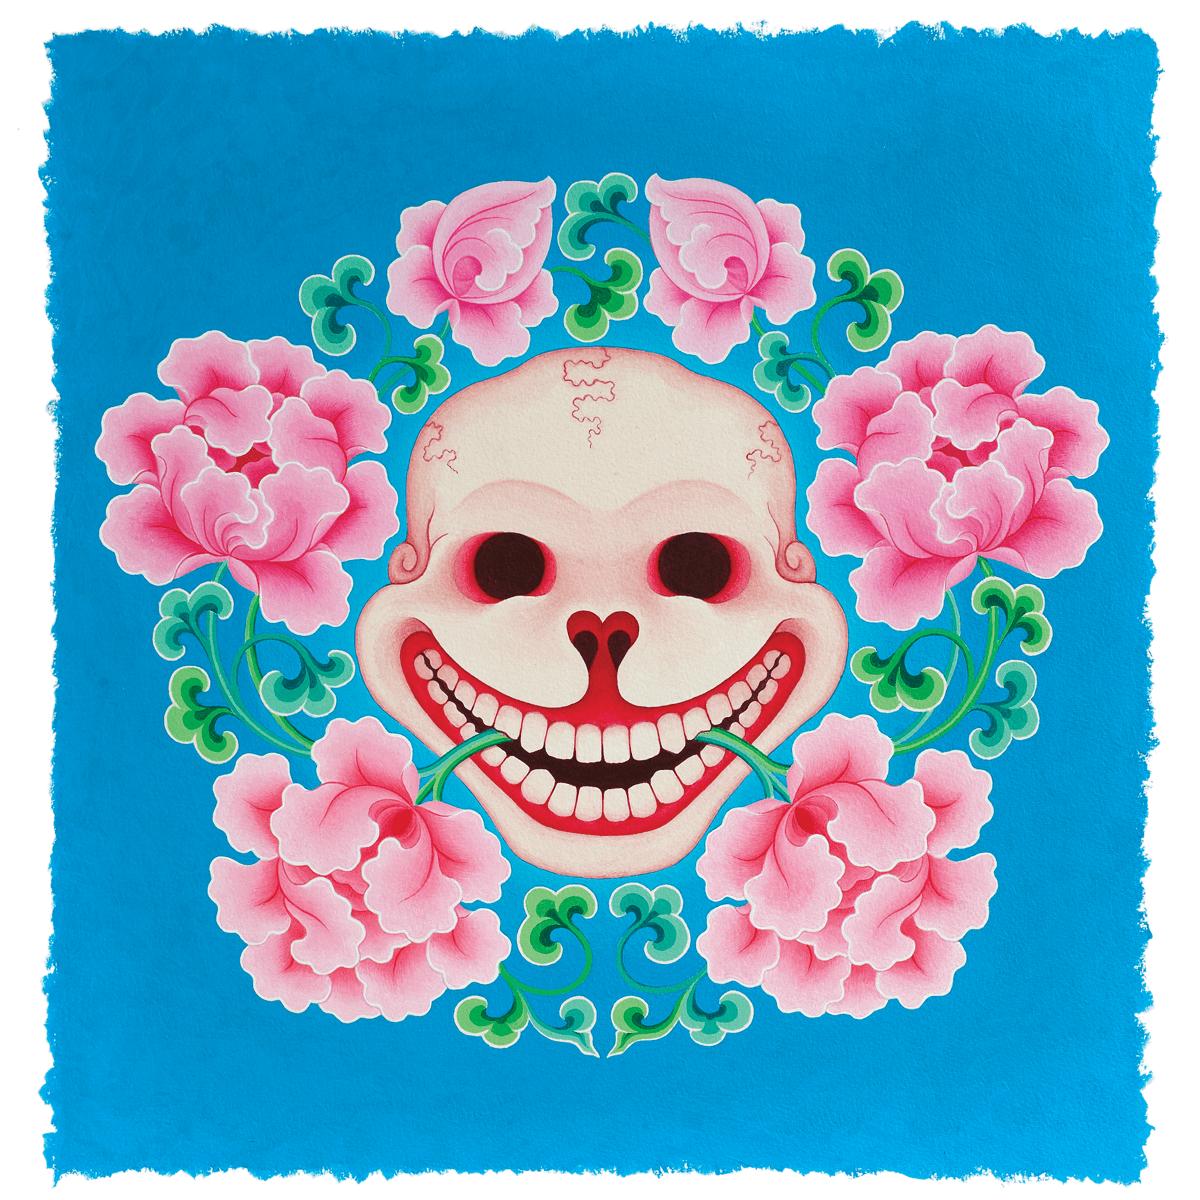 """""""Riendo ante la estupidez"""", pintura de Tashi Mannox de la serie """"Riendo ante la muerte: vivir y morir sin remordimientos""""."""